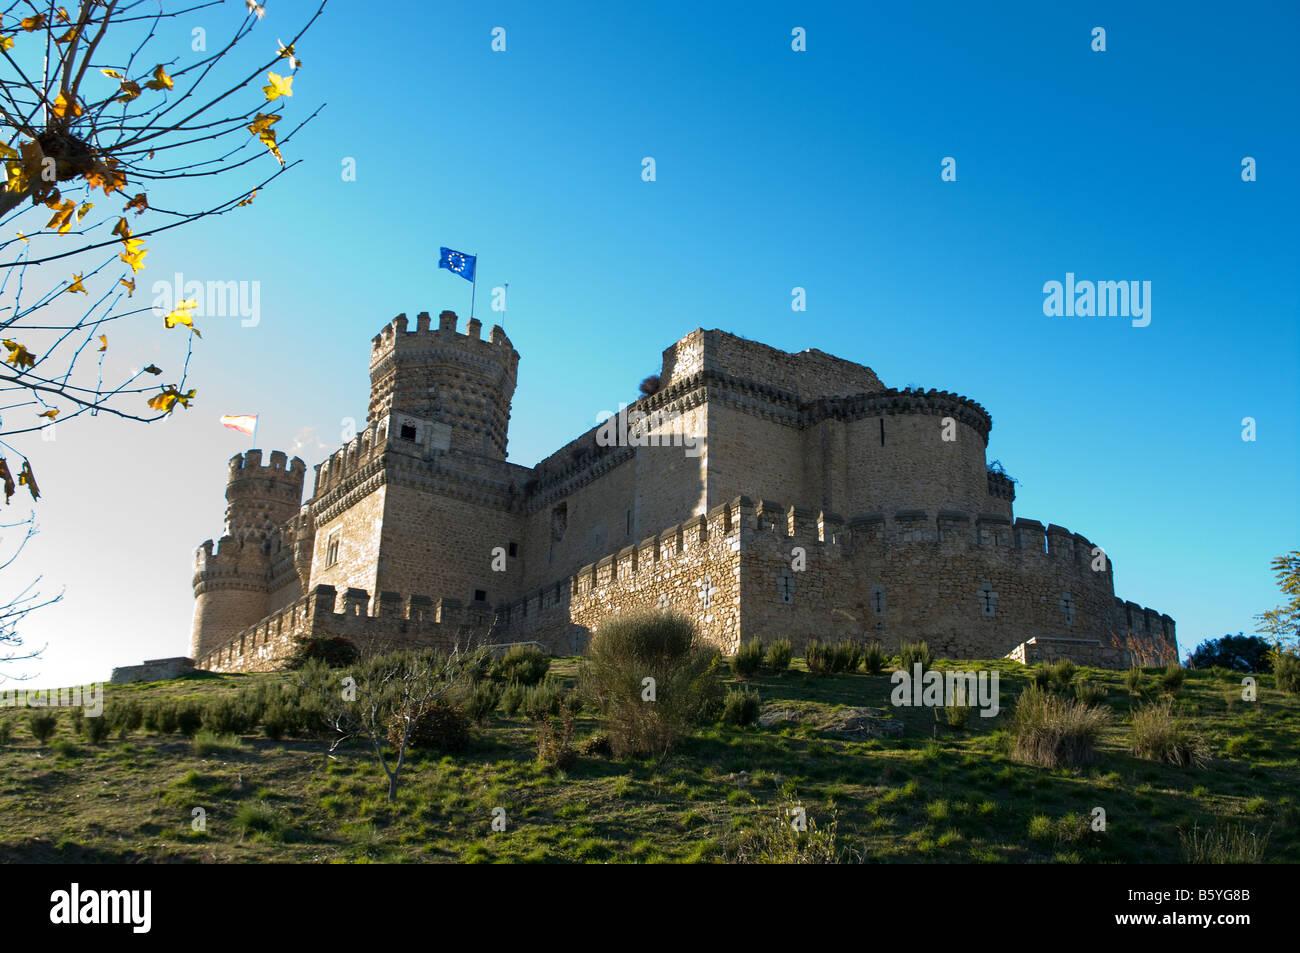 Manzanares el Real Castle Castillo de Manzanares el Real  Restored15th century Castle Madrid Spain España UE Stock Photo